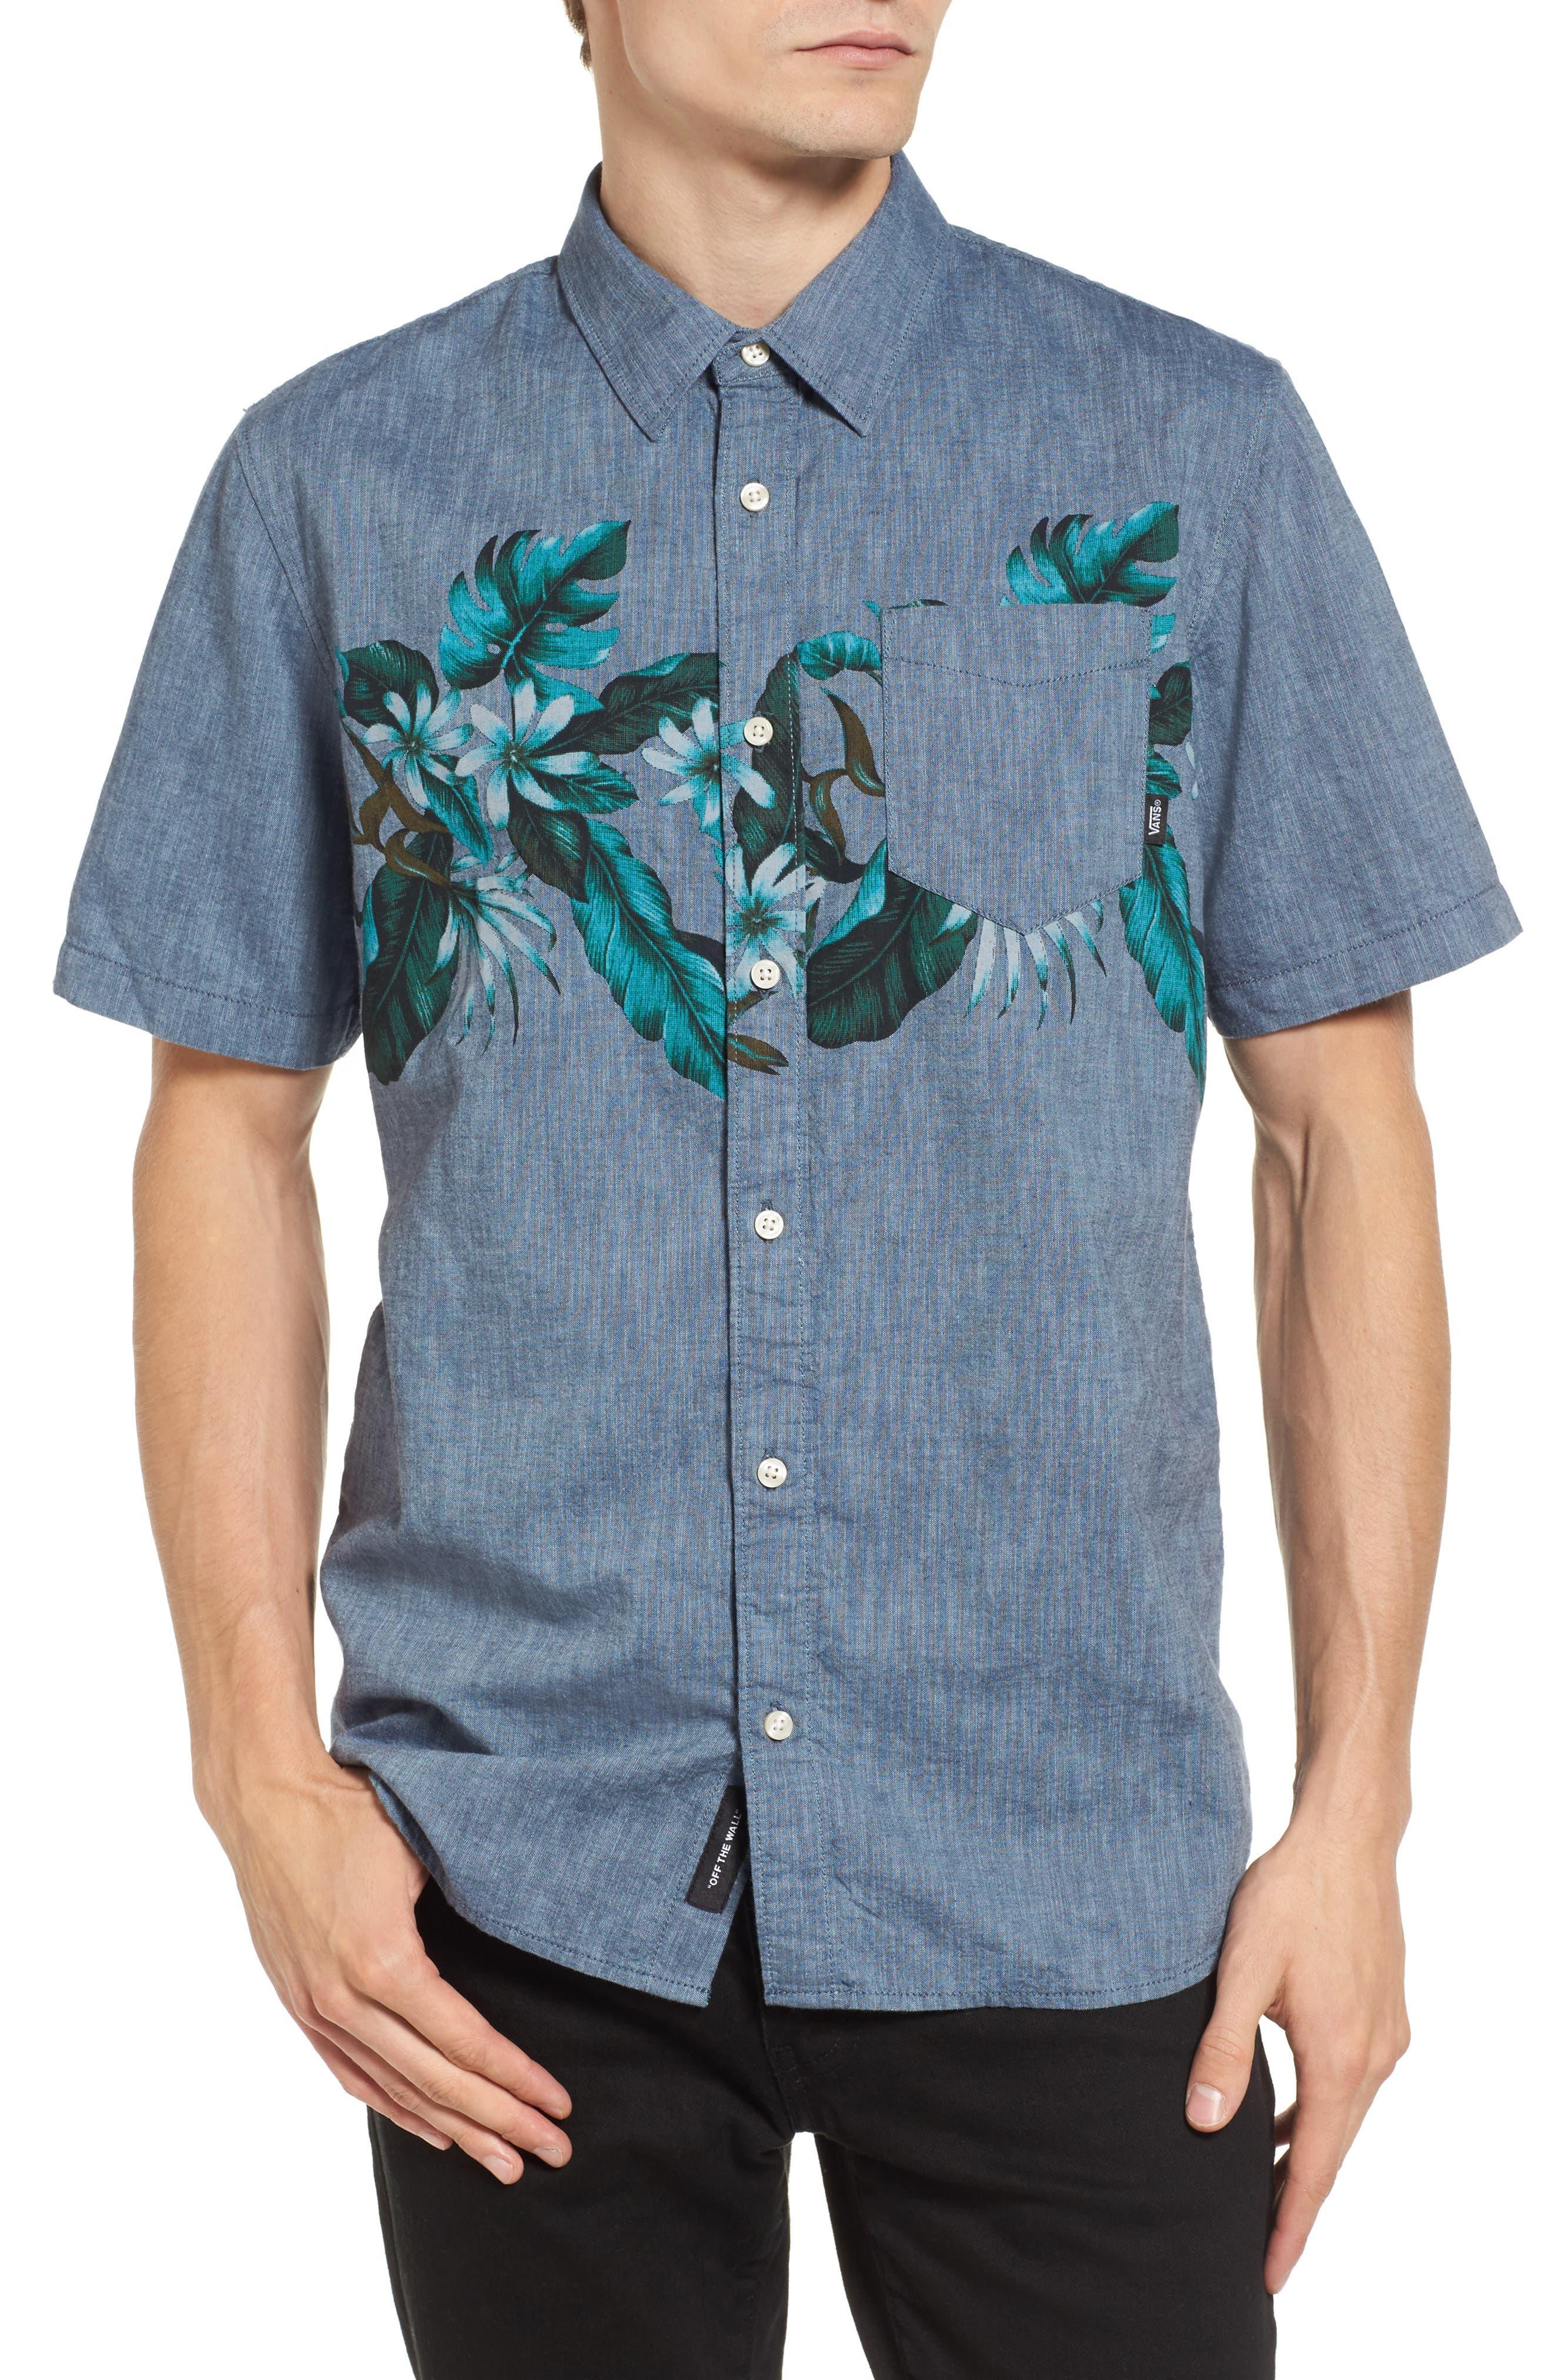 Vans Floral Woven Shirt